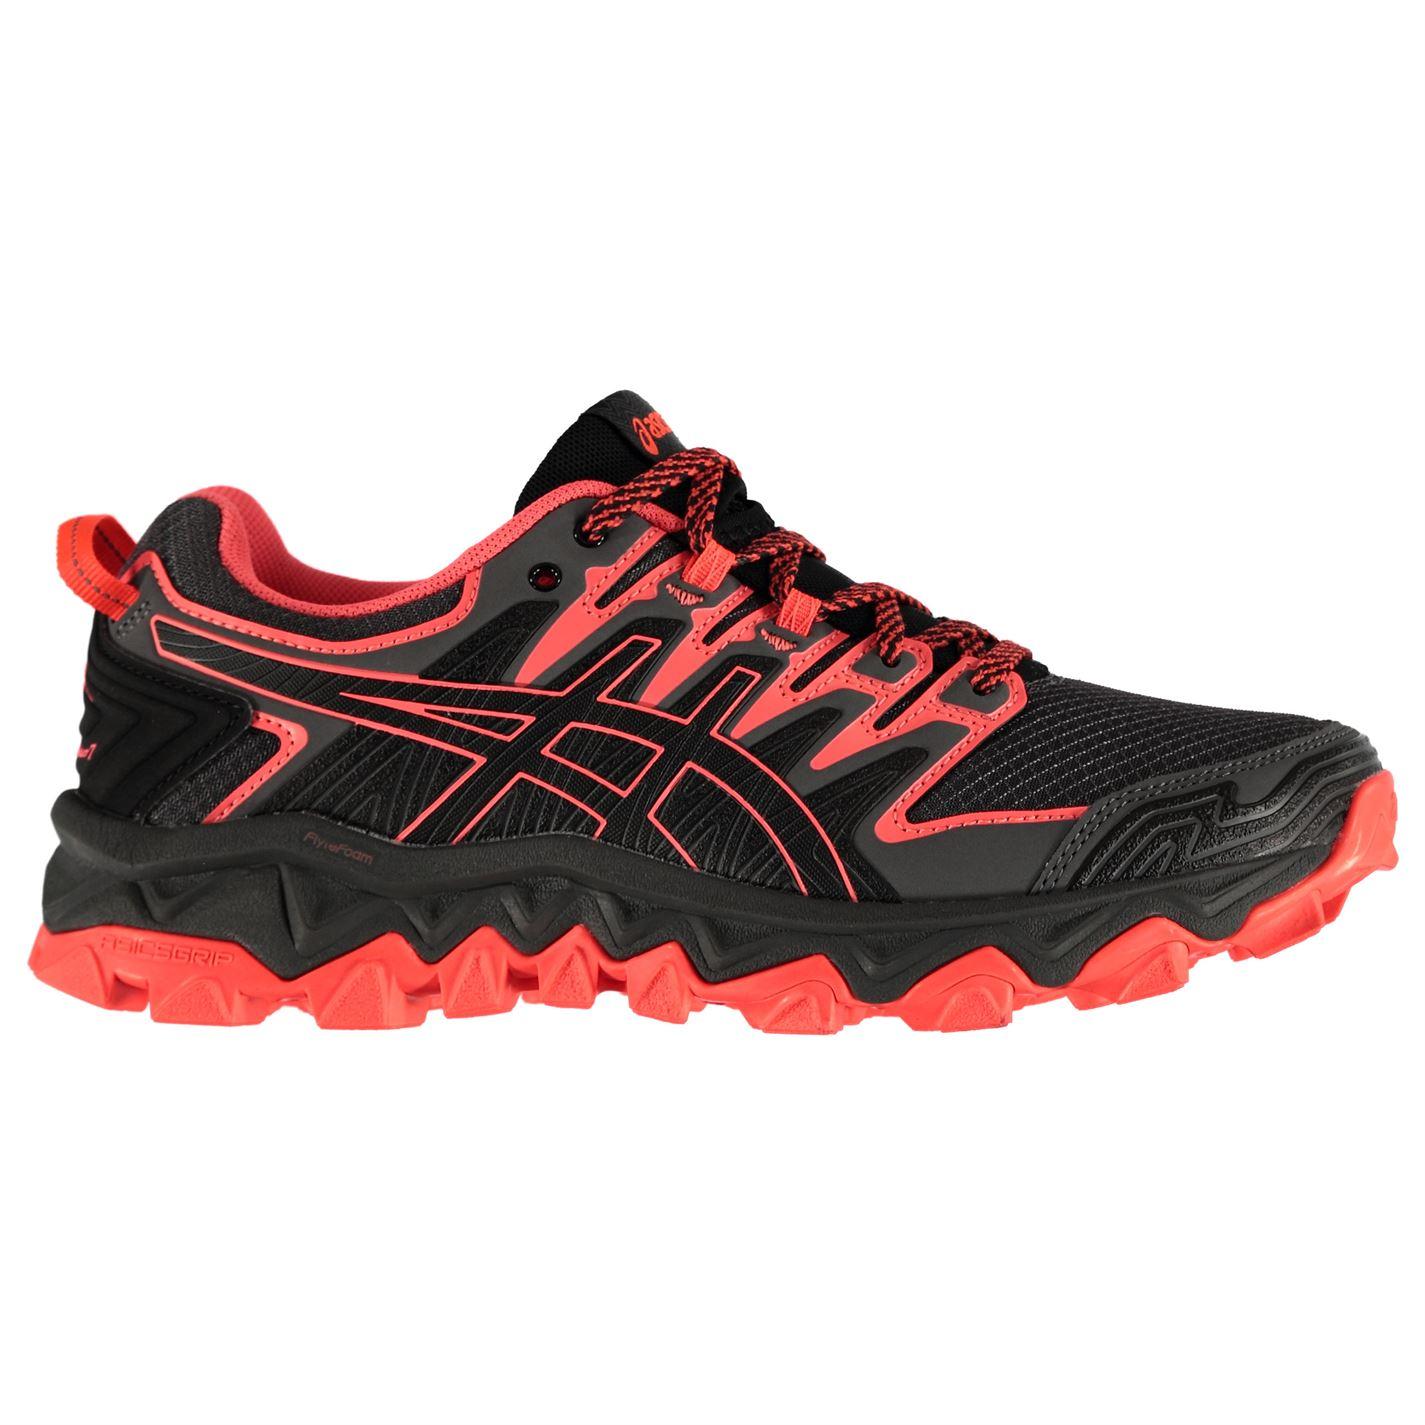 Asics Gel FujiTrabuco Ladies Running Shoes